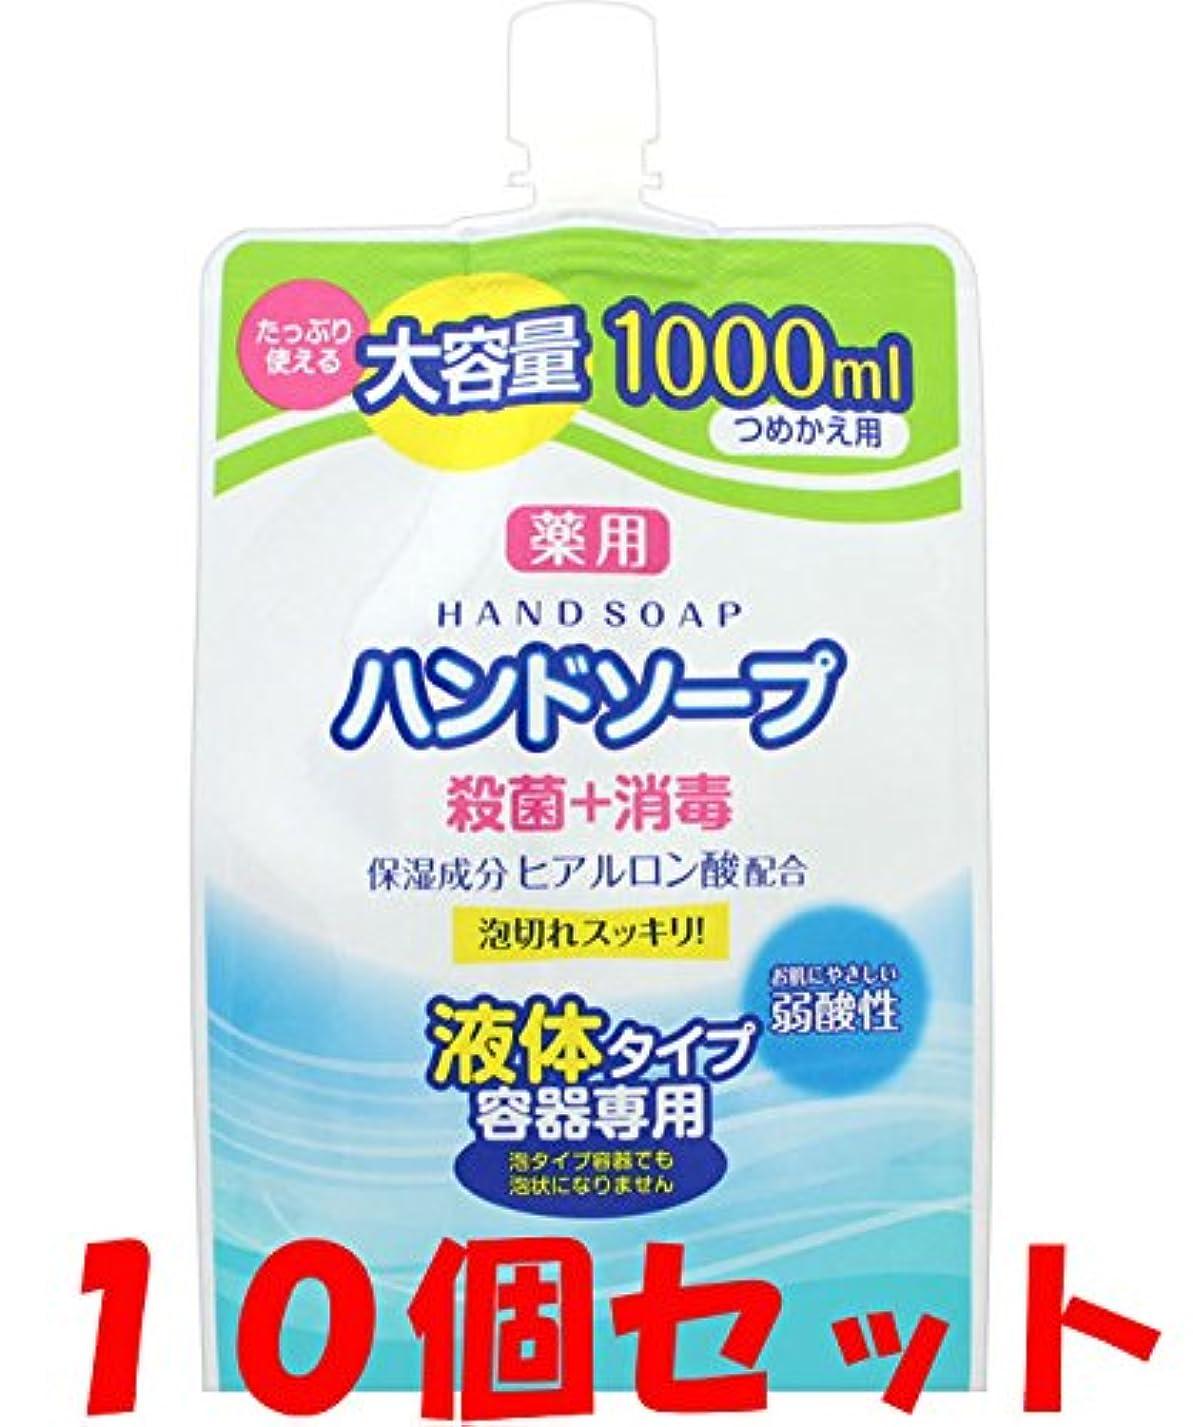 暴徒カード趣味【10個セット】薬用 液体ハンドソープ 詰替 1000ml